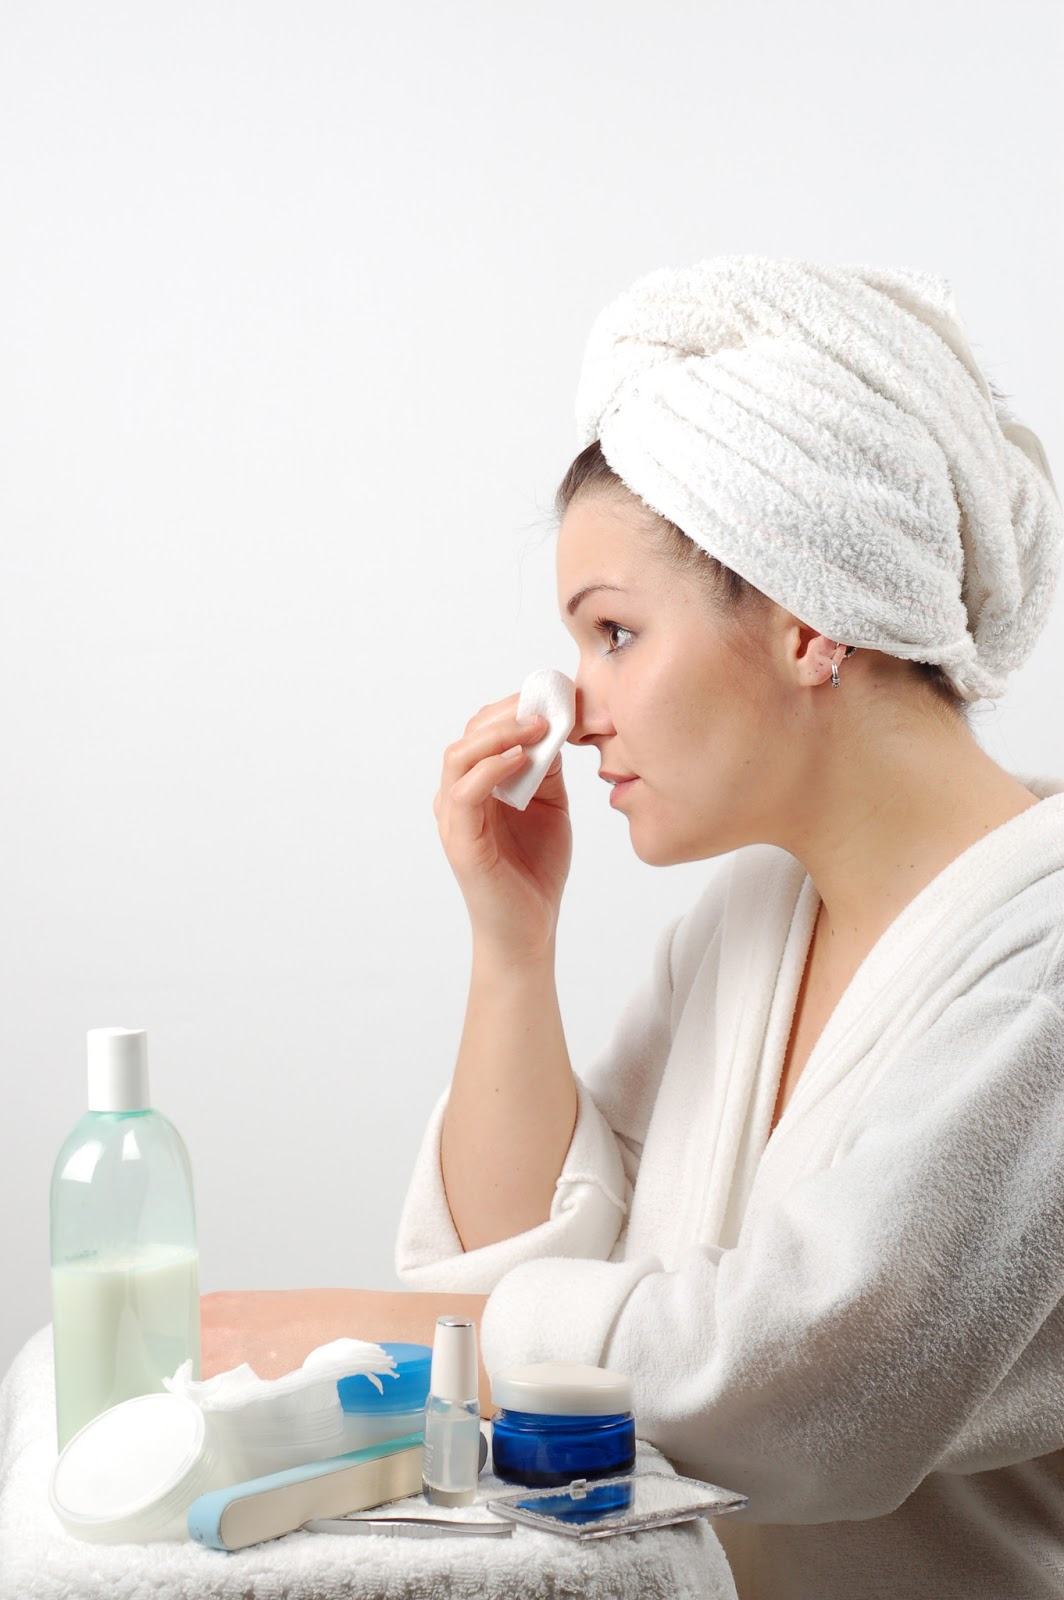 Как и чем распарить лицо перед чисткой в домашних условиях?